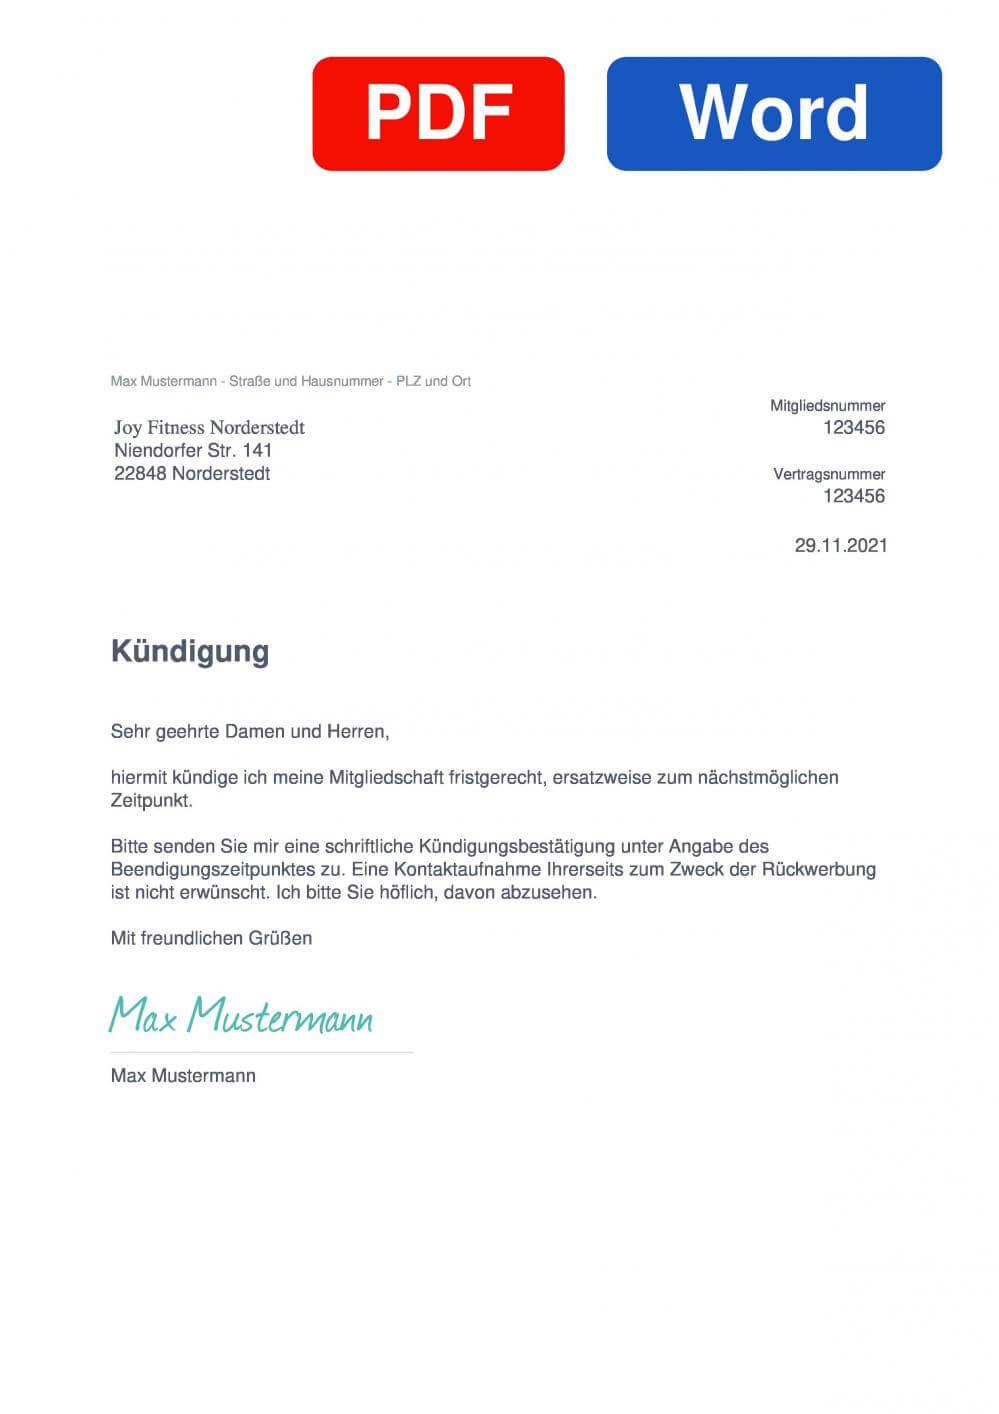 JOY Fitness Norderstedt Muster Vorlage für Kündigungsschreiben